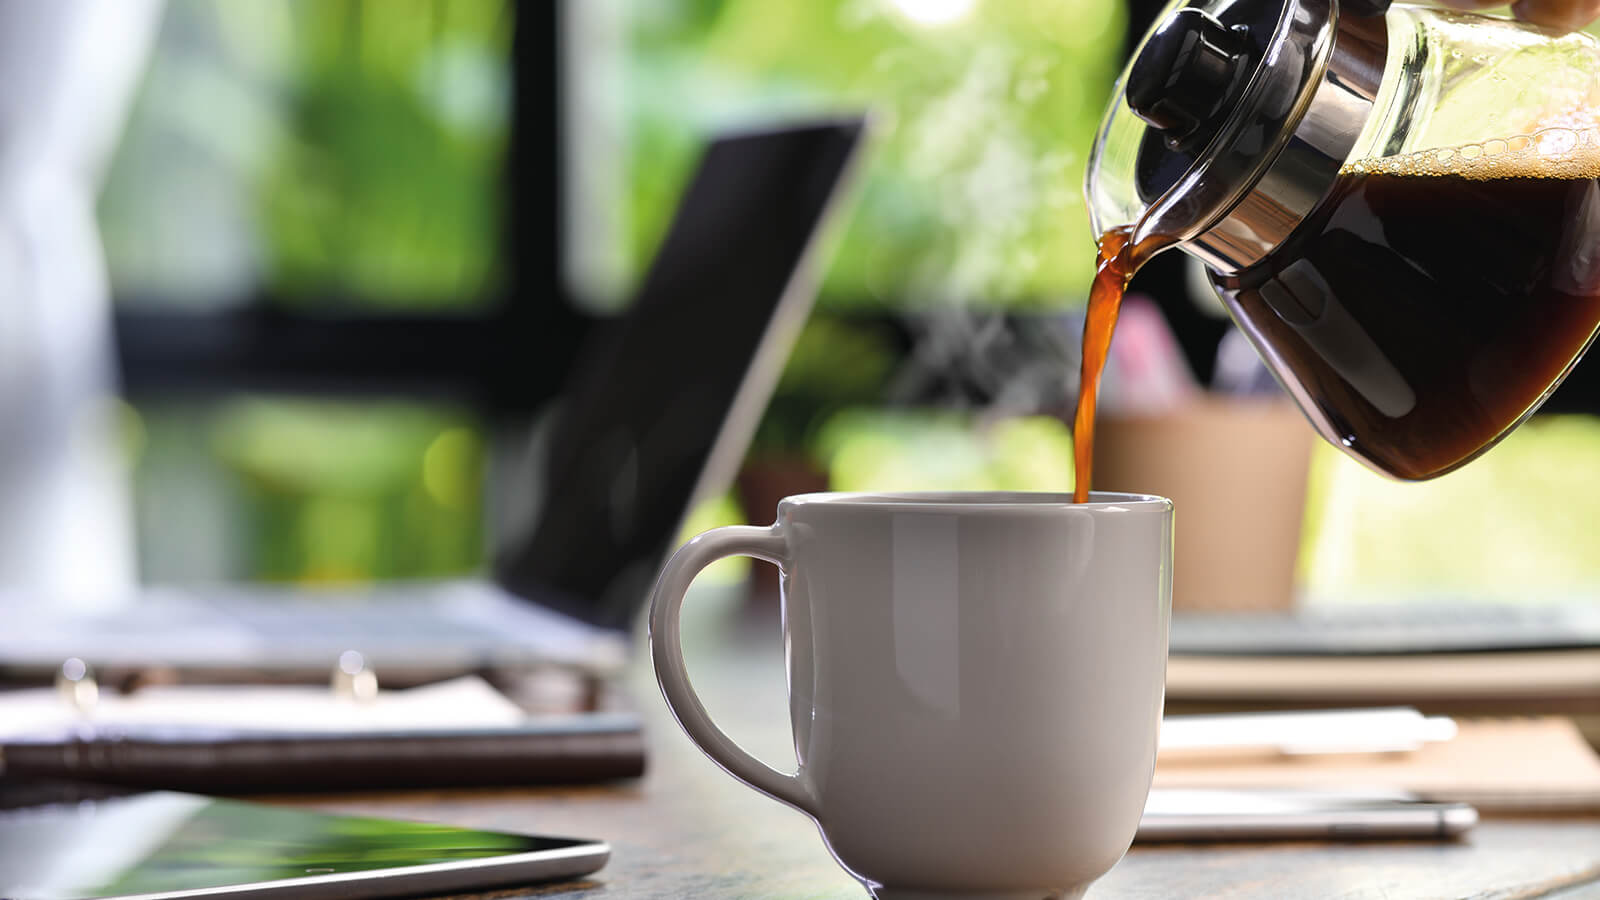 Kaffee einschenken